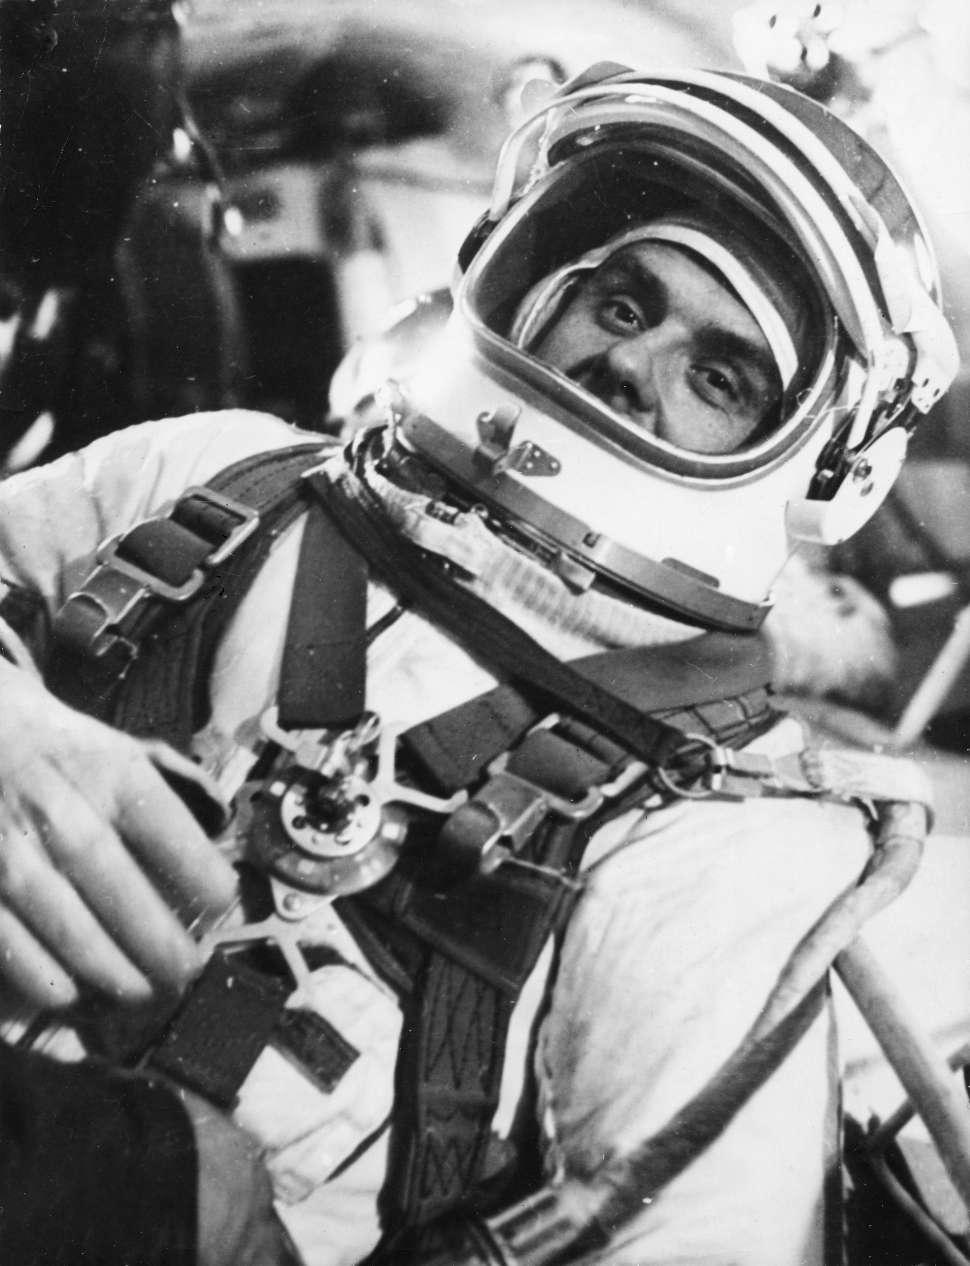 Il y a 50 ans, l'accident prévisible de Soyouz 1